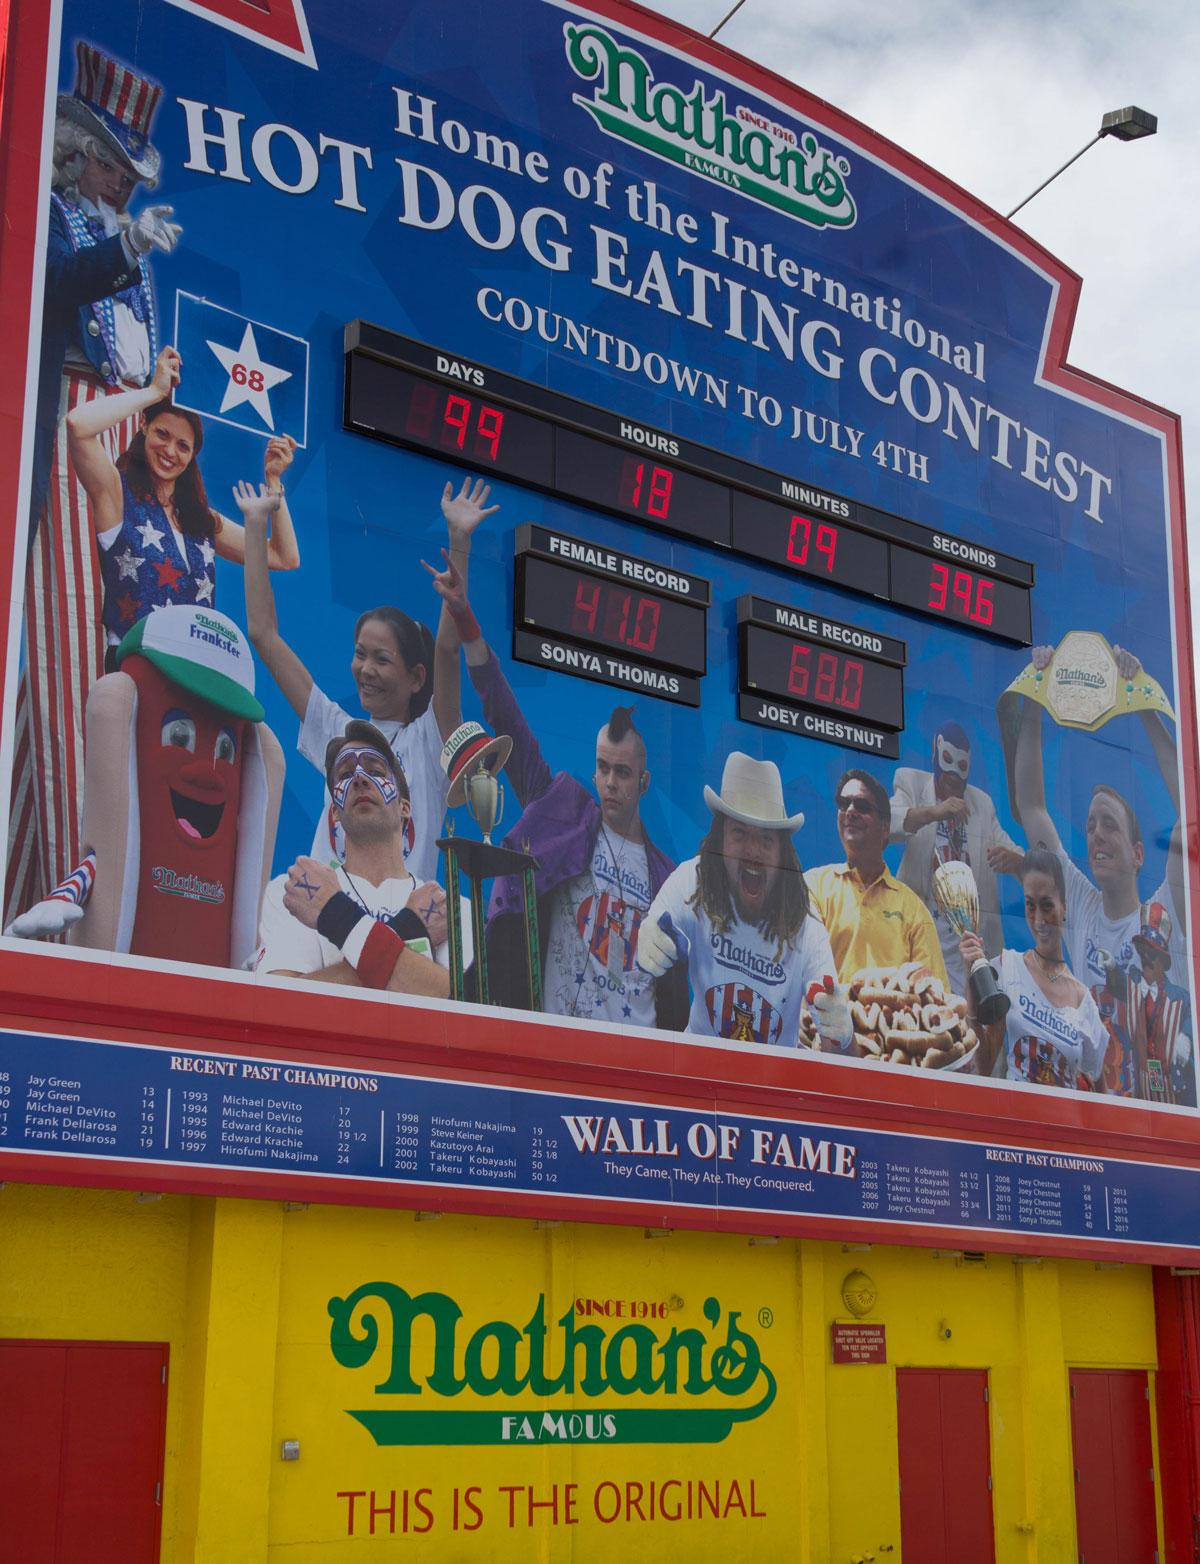 New York Sehenswürdigkeiten Nathans Hot Dogs Coney Island